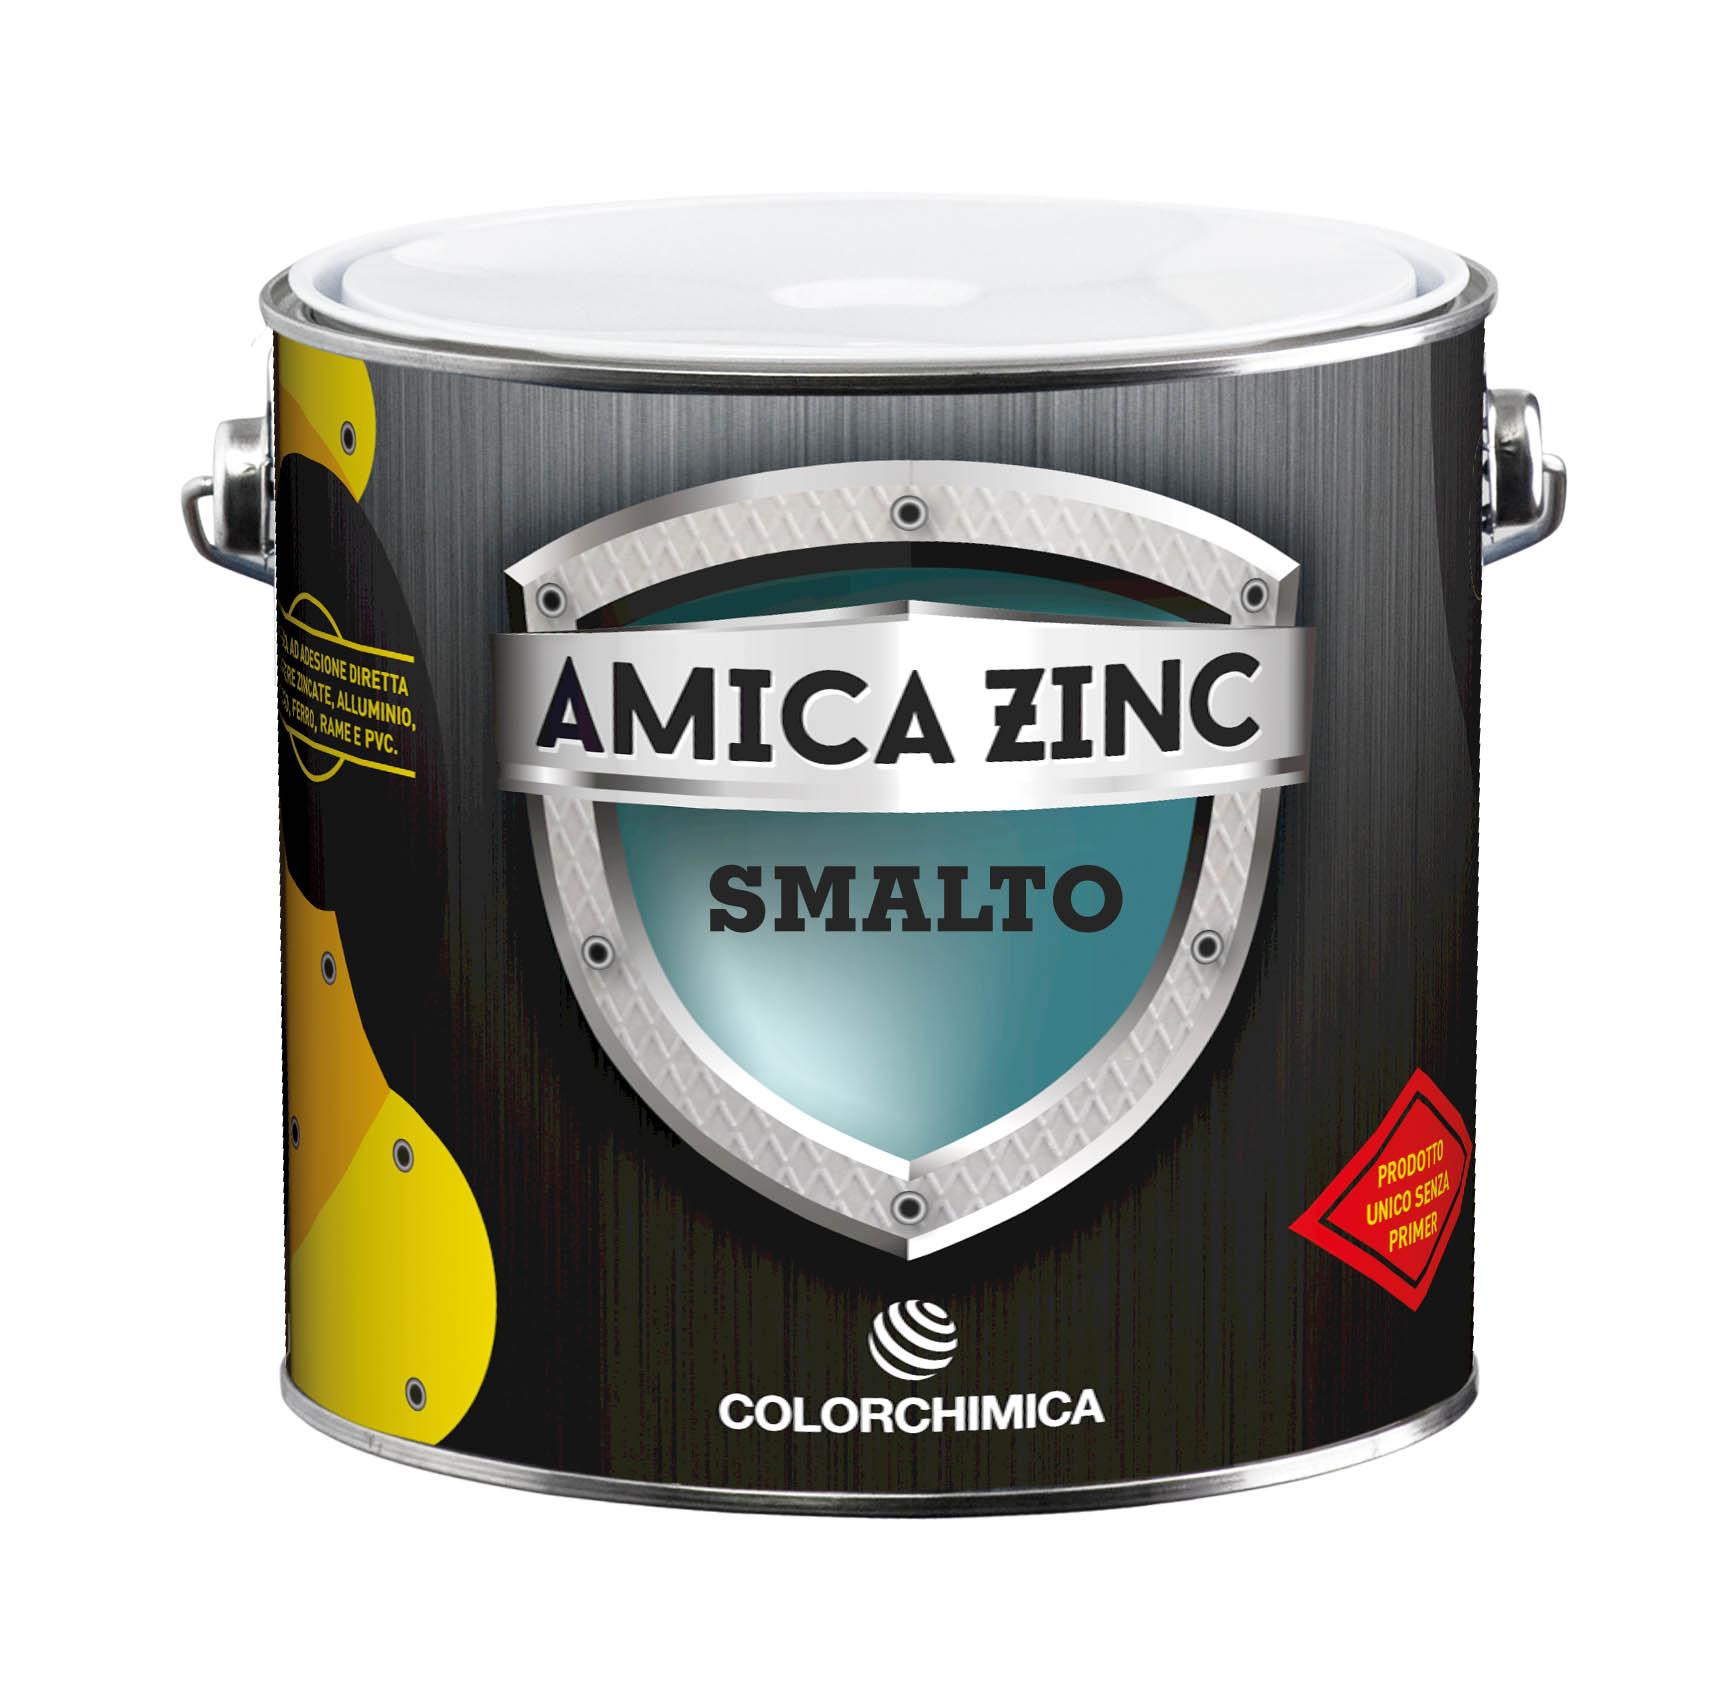 AMICA ZINC - Smalto Universale ad Adesione Diretta su Supporti Difficili serie 4900